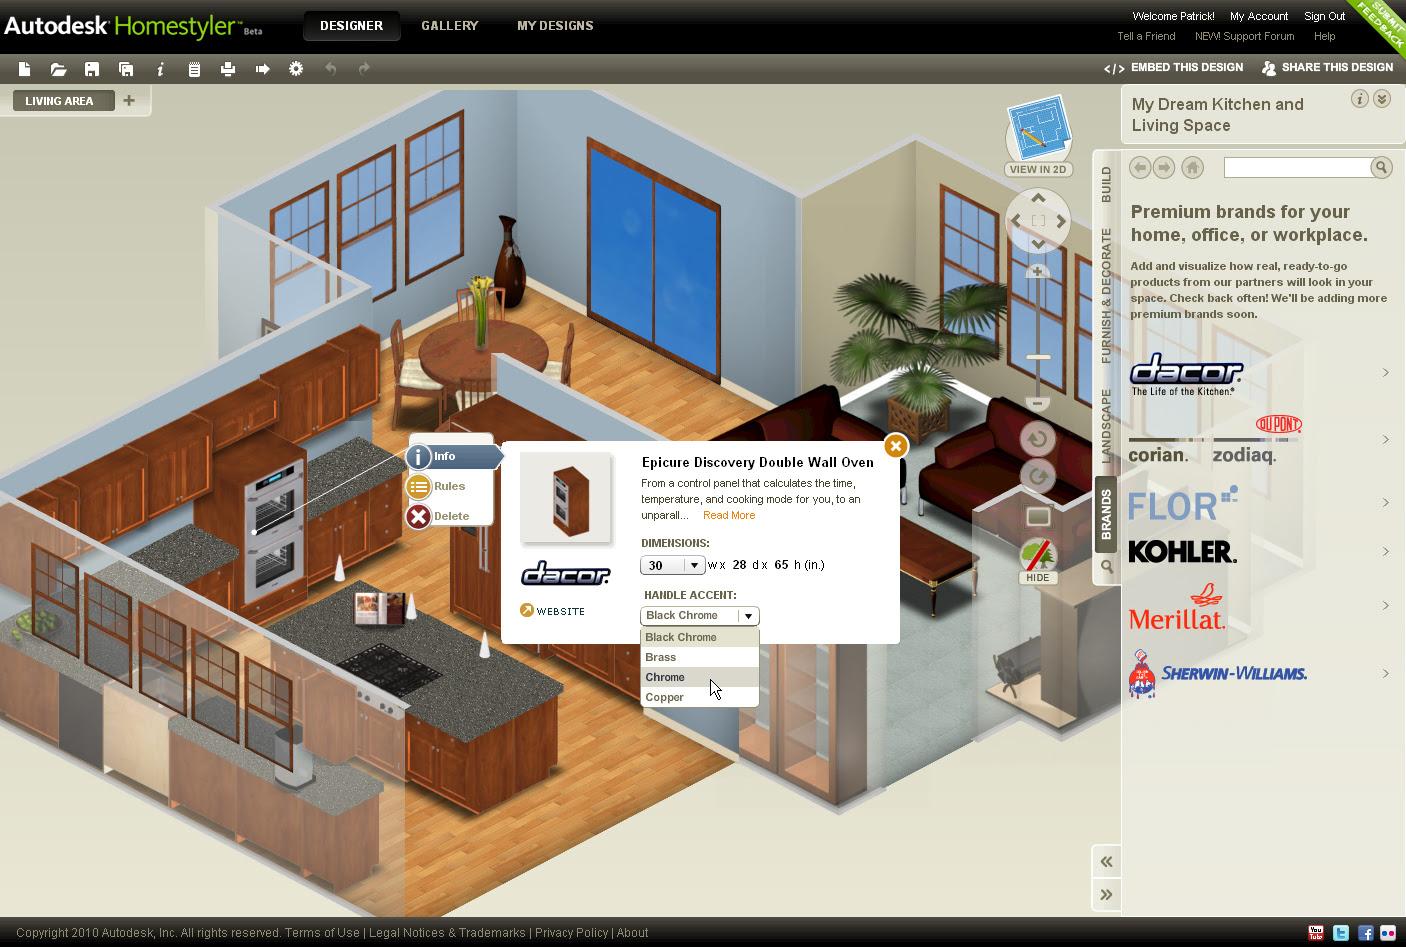 15 Architect 3d Design Software Images 3d Home Design Software Free Download 3d Interior Design Software And 3d Interior Design Software Newdesignfile Com